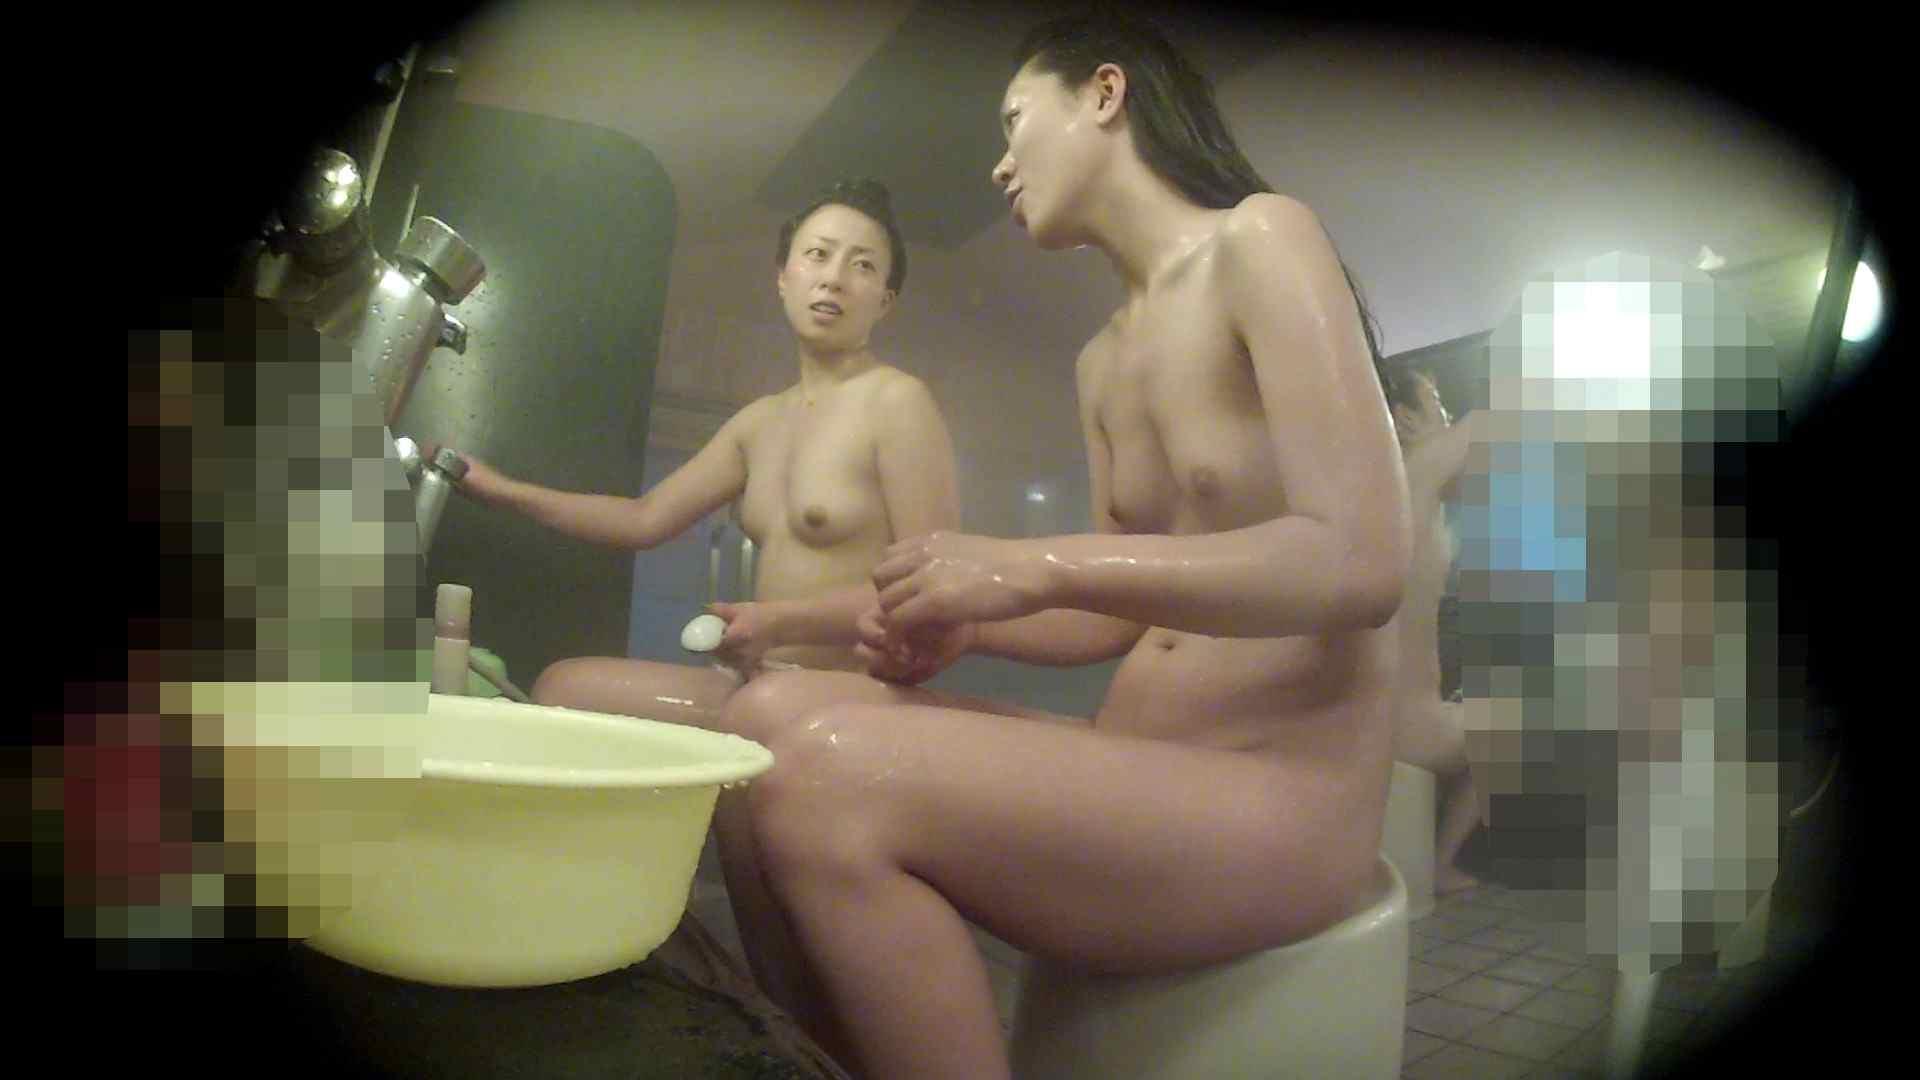 ハイビジョン 洗い場!ナイスは左足!もっと上へもっと上へ 女湯のぞき オマンコ動画キャプチャ 109枚 94